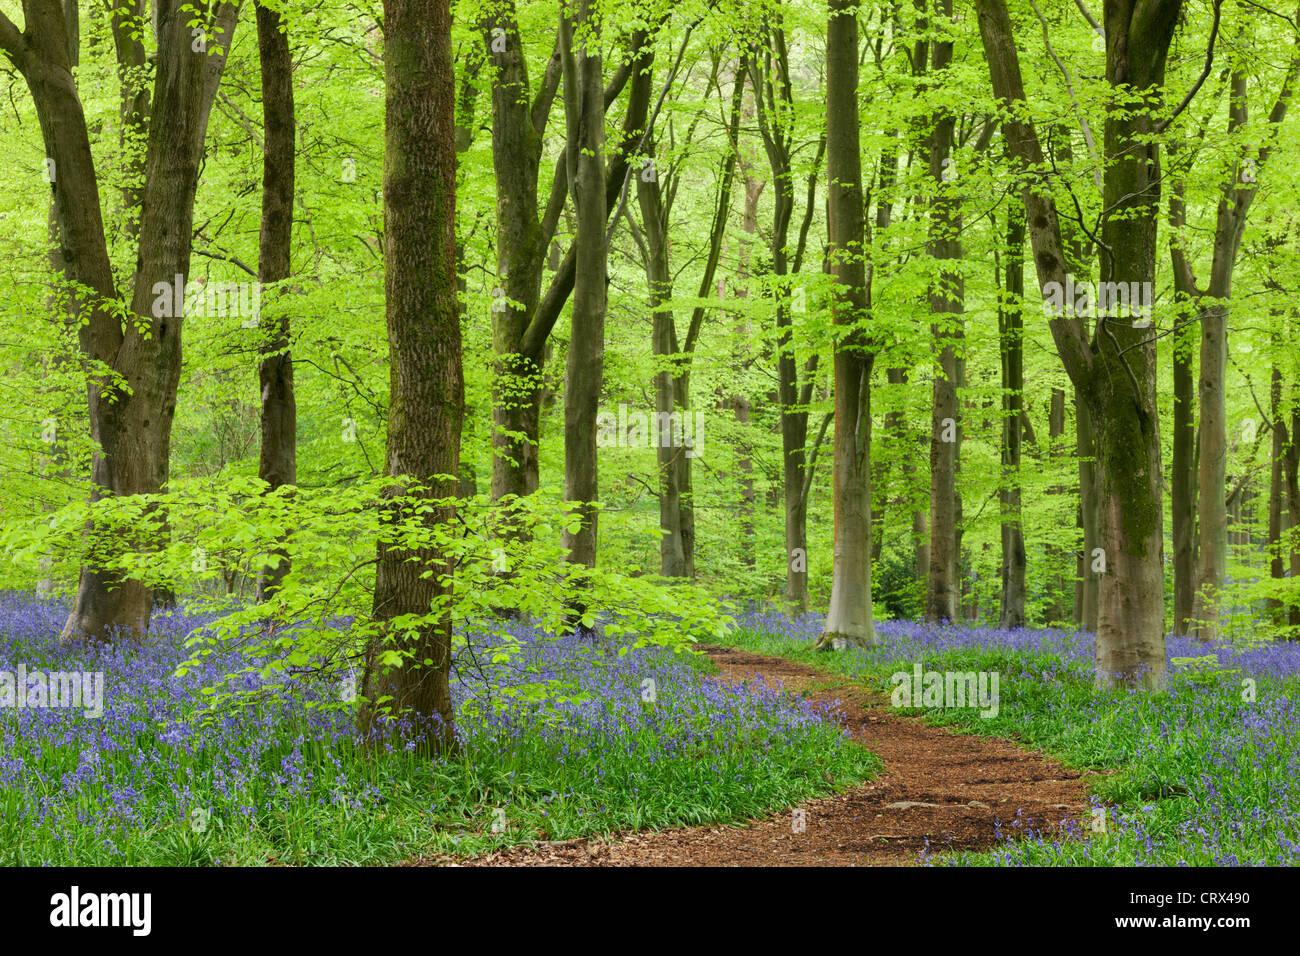 Bluebell alfombra en un bosque de hayas, West Woods, Wiltshire, Inglaterra. La primavera (Mayo de 2012). Imagen De Stock